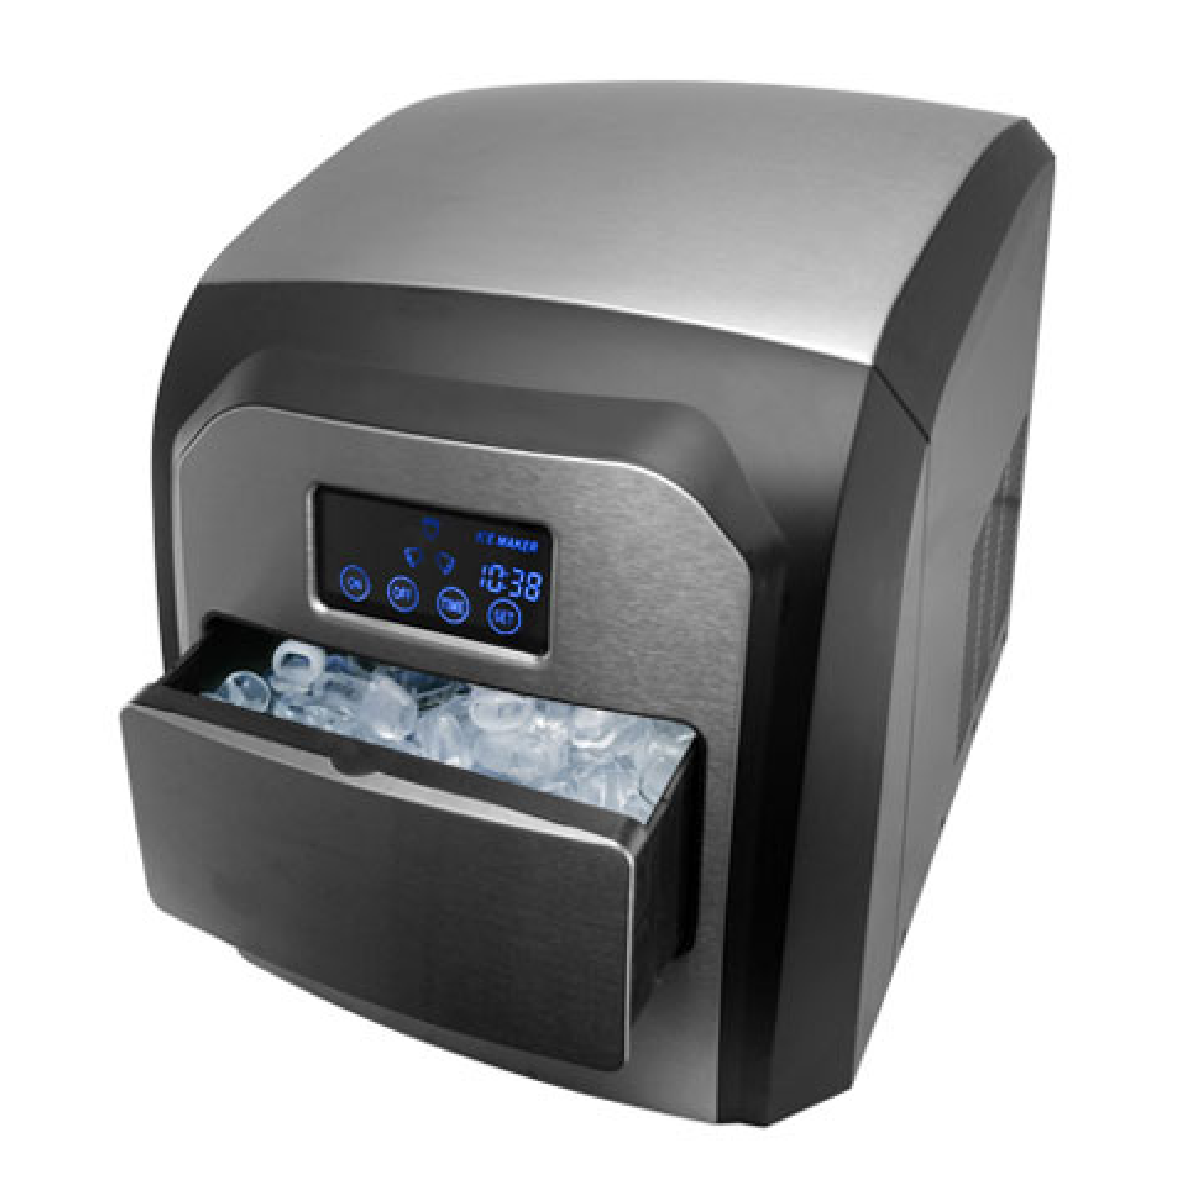 cadeaux 2 ouf id es de cadeaux insolites et originaux la machine gla on yoo digital pour. Black Bedroom Furniture Sets. Home Design Ideas